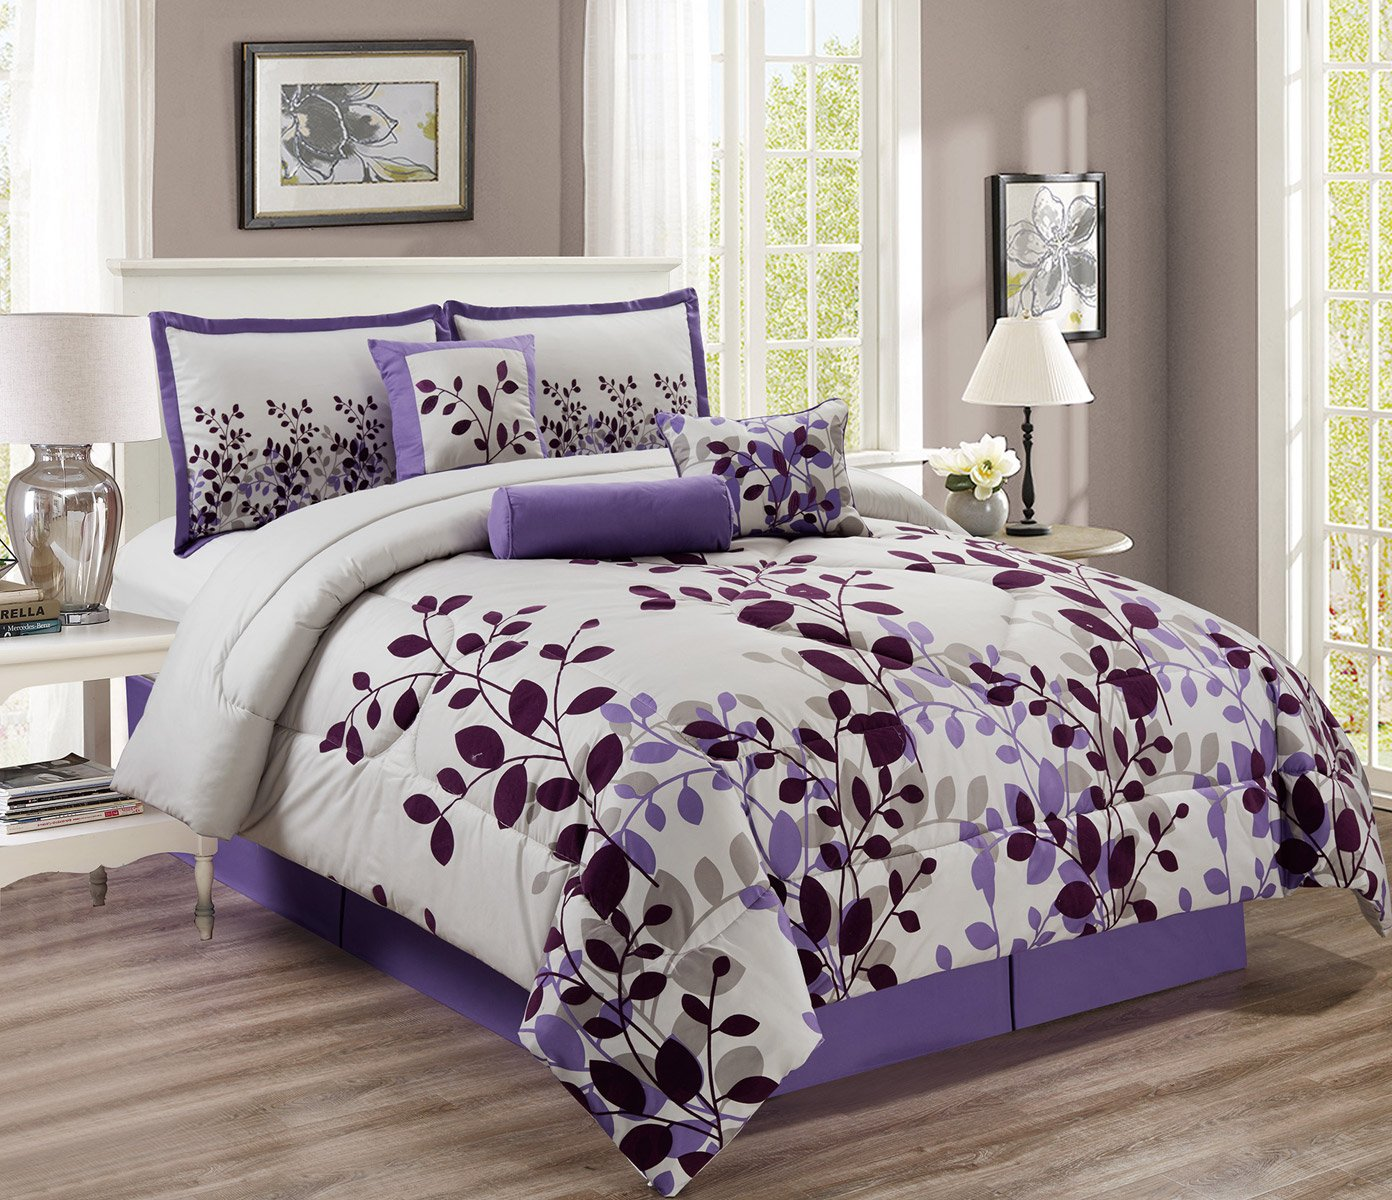 Lavender And Grey Bedding Www Pixshark Com Images